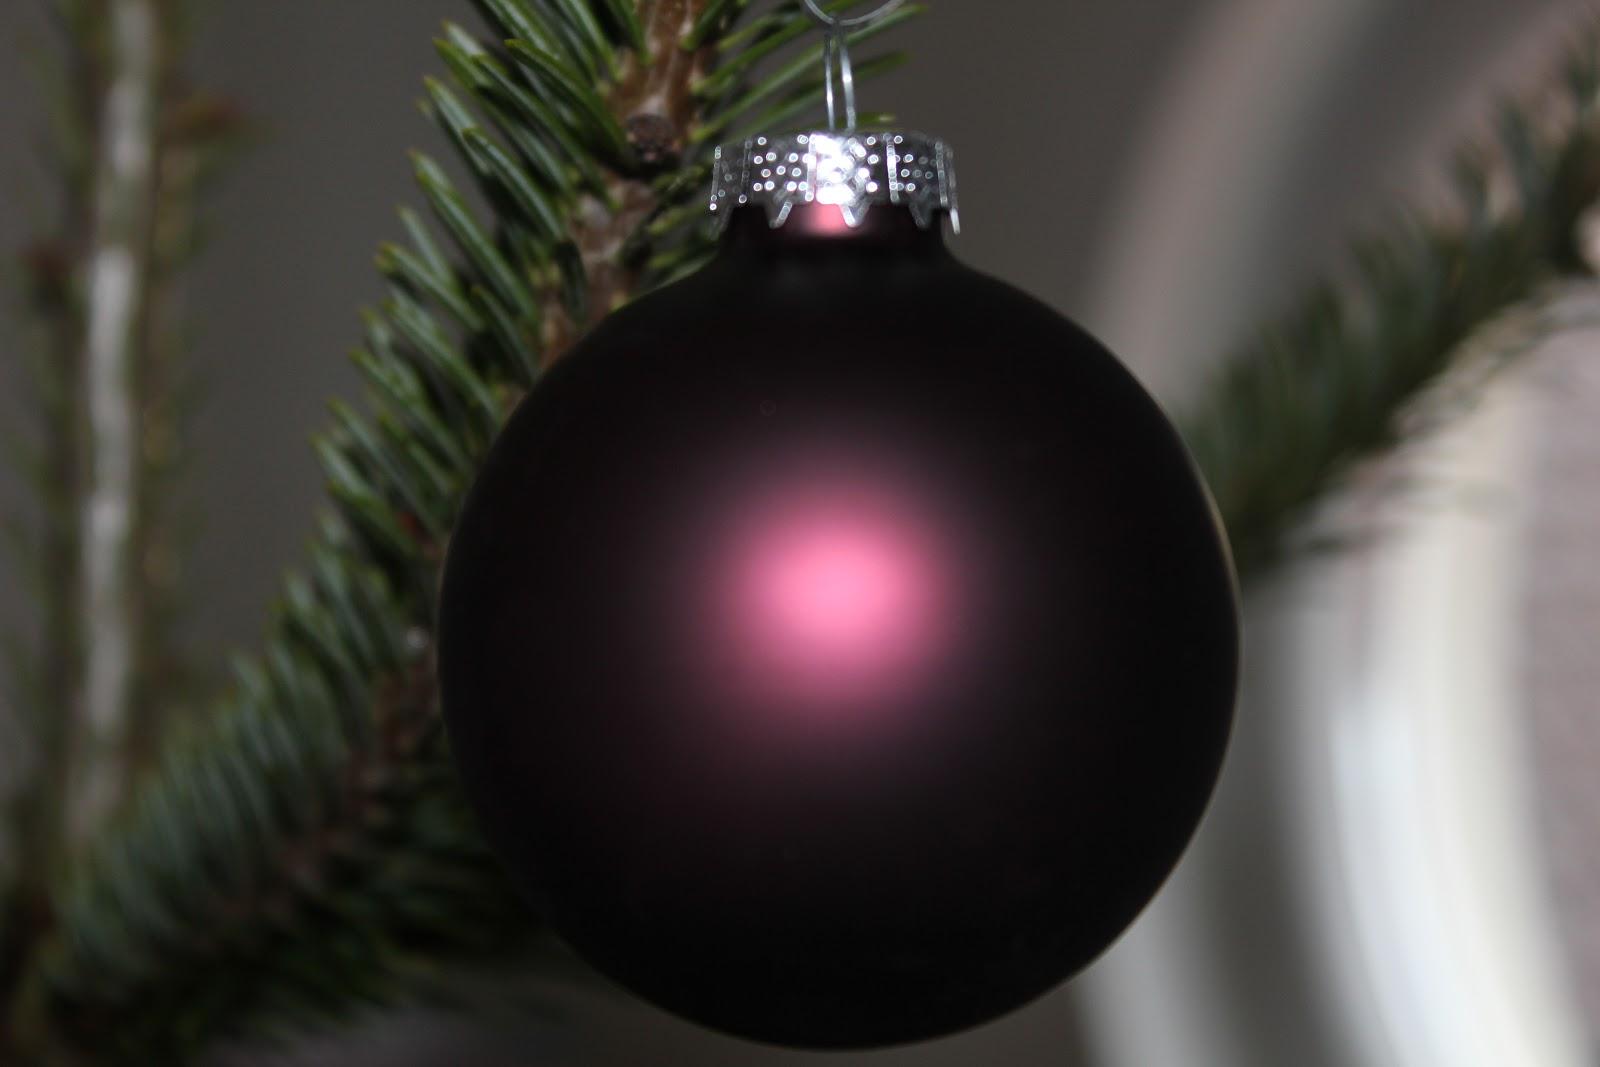 nette wünsche zu weihnachten